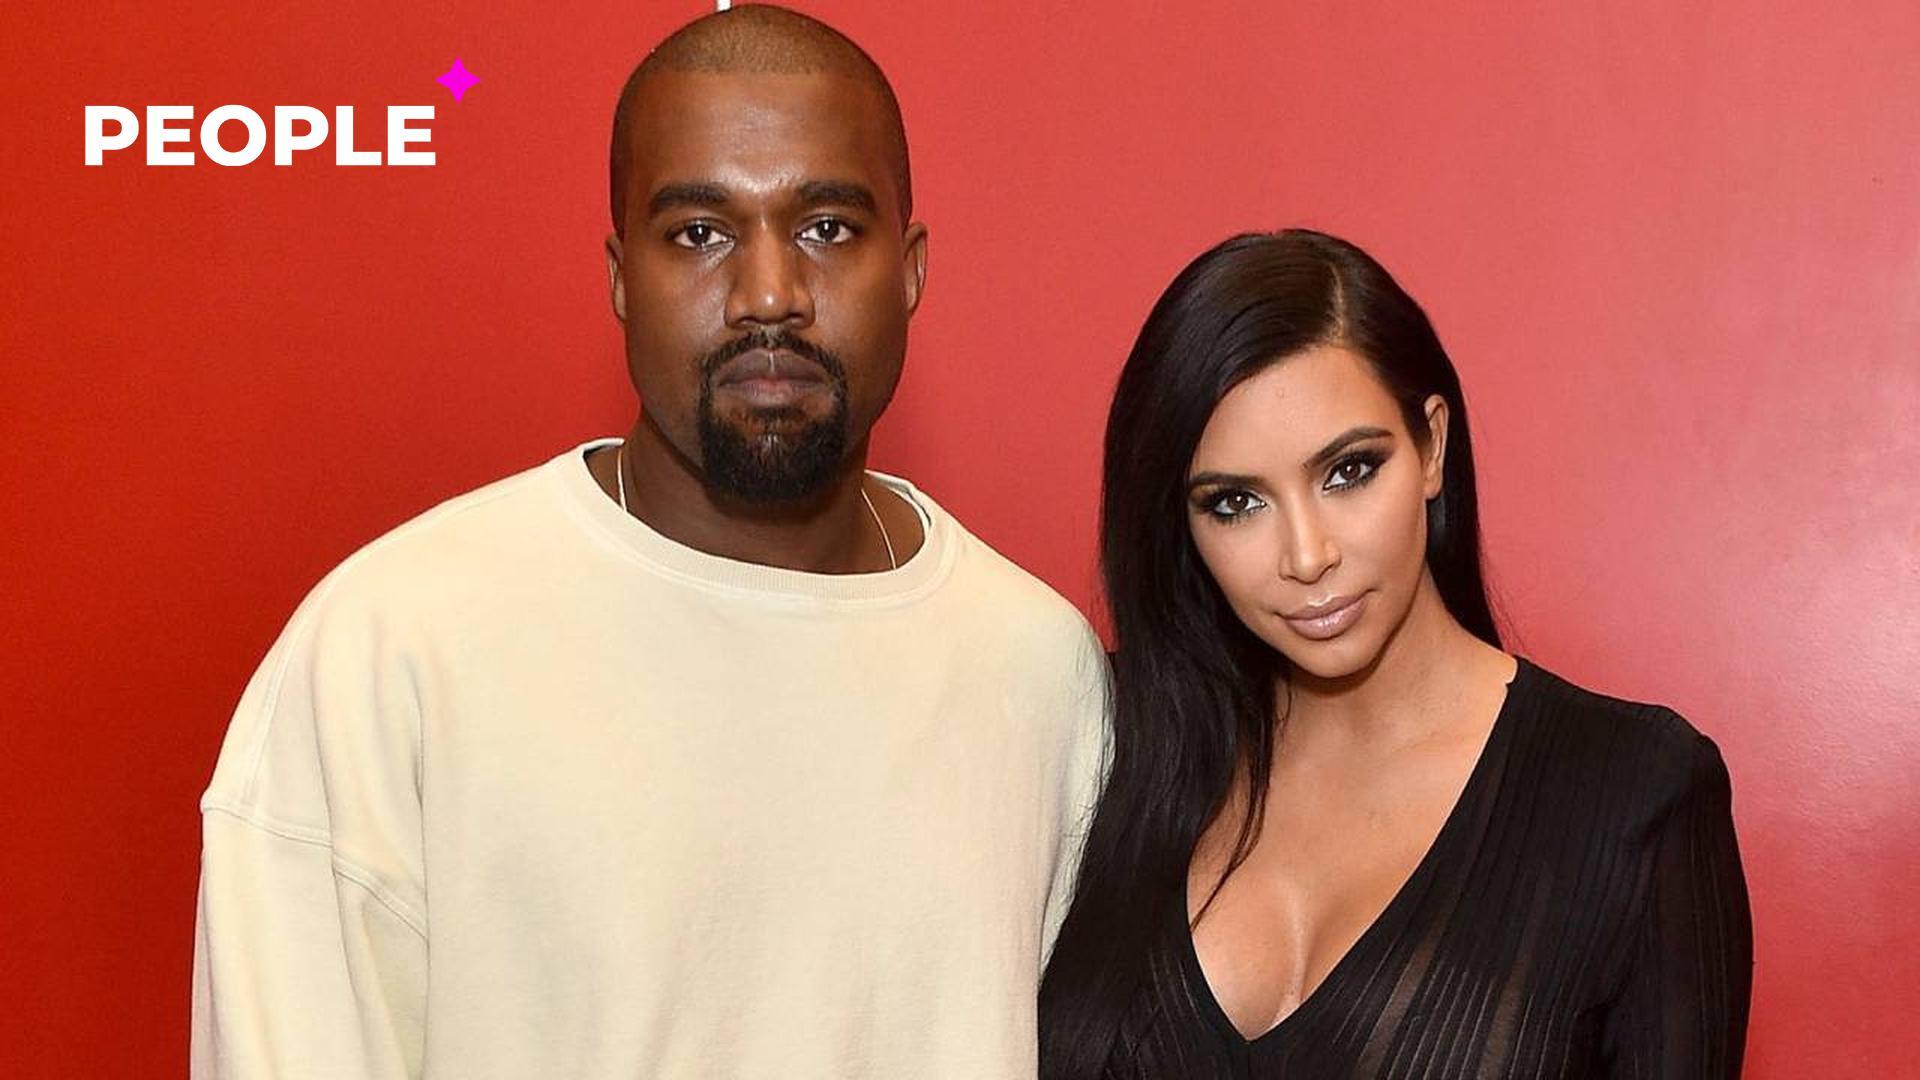 Еще раз женился на Ким Кардашьян и поджег себя: Канье Уэст провел третью презентацию нового альбома